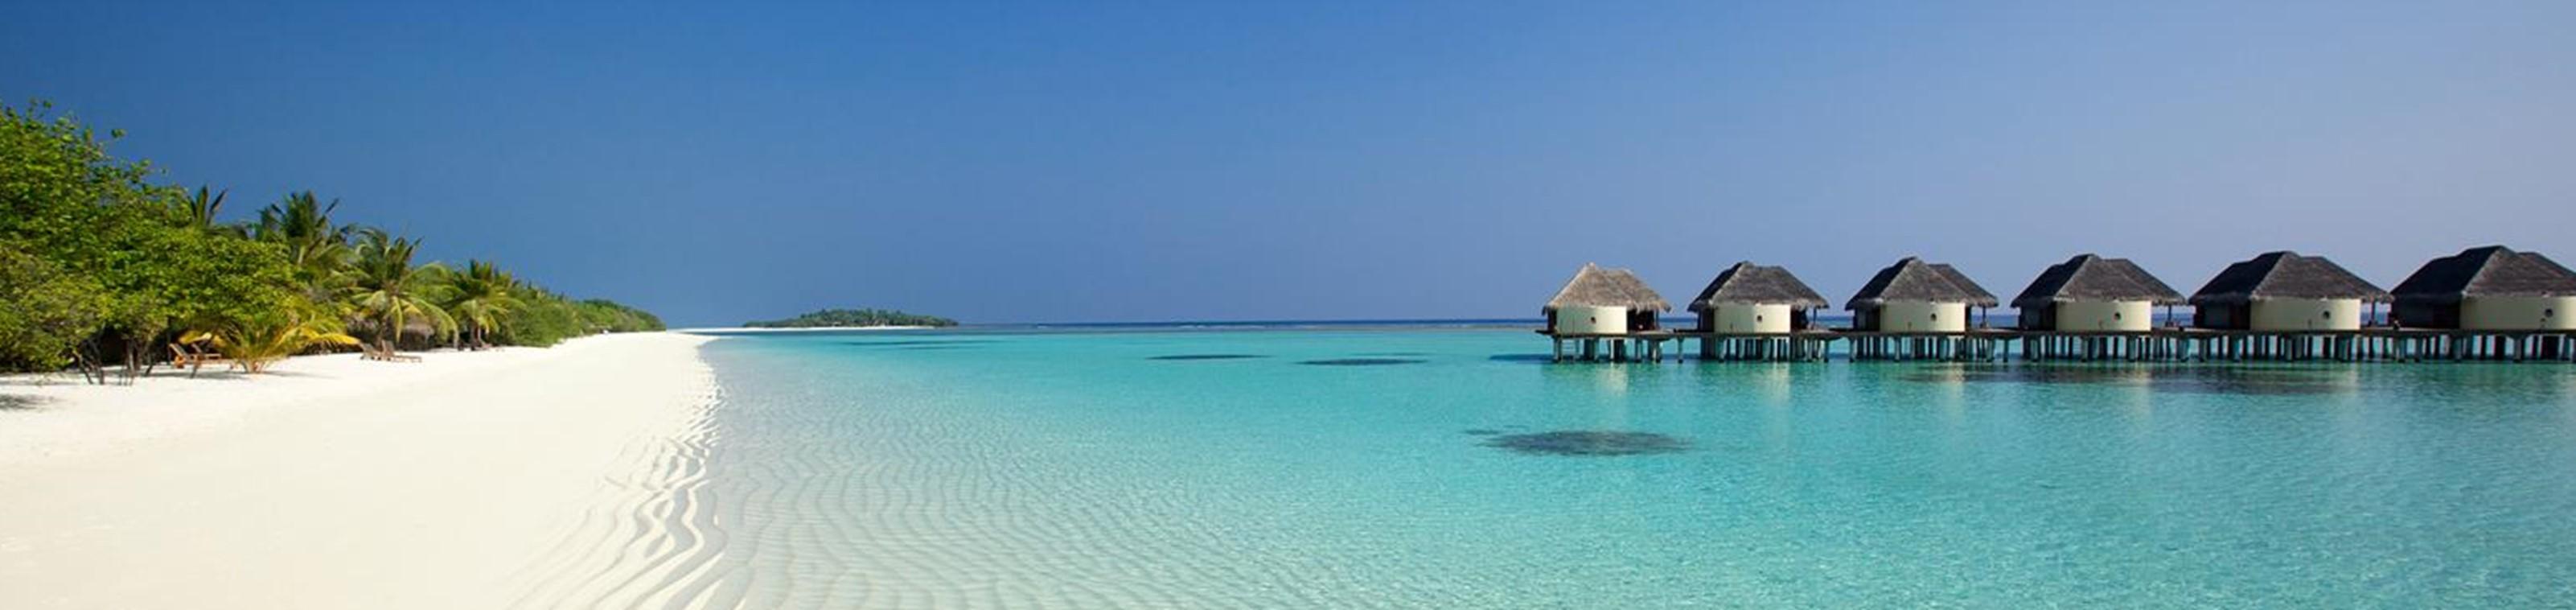 Malediven: Barefoot luxury in Kanuhura